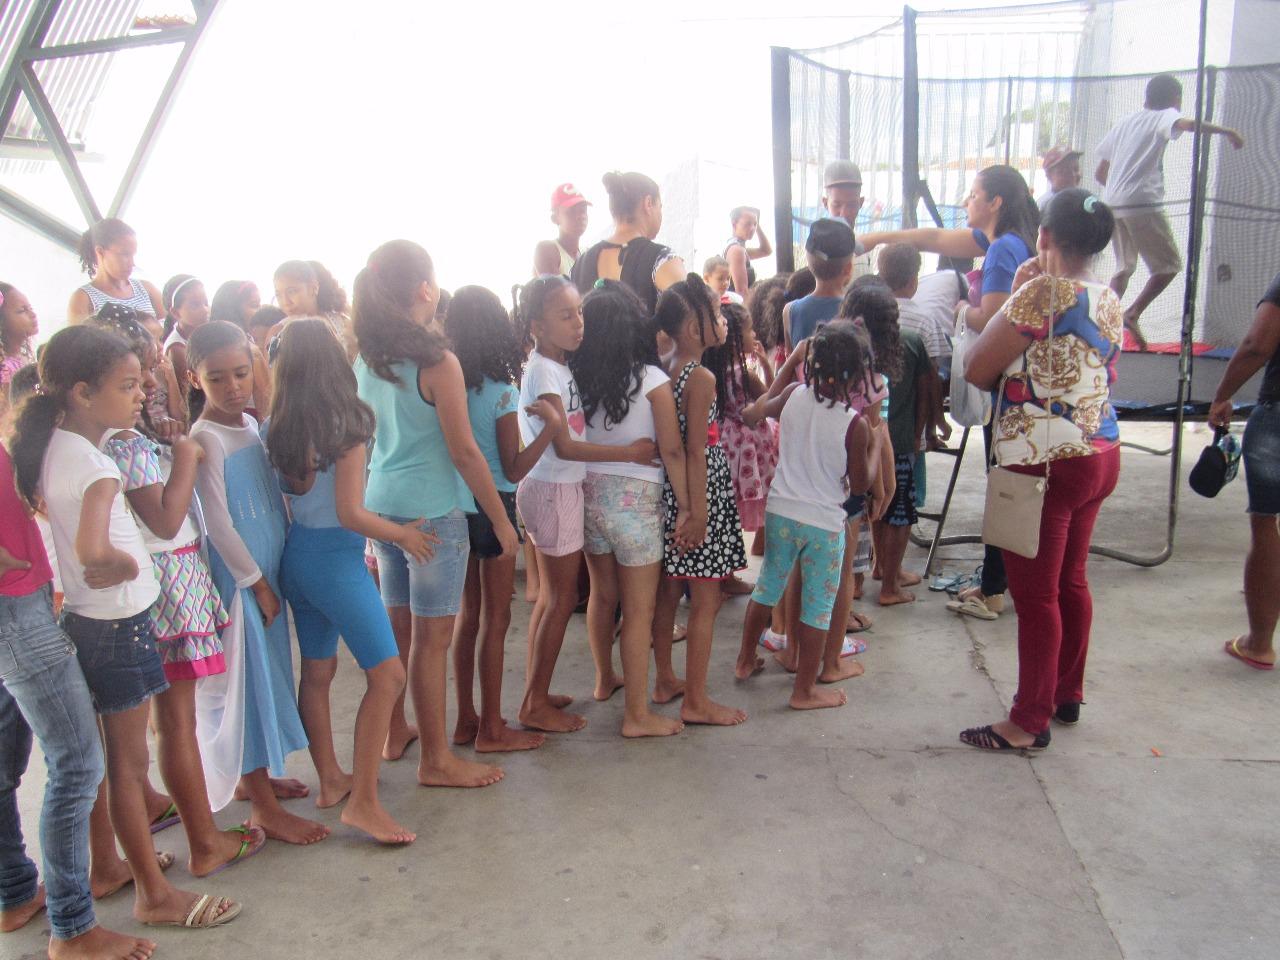 Escolas Municipais de Boa Vista do Tupim realizam festa para comemorar o Dia das Crianças